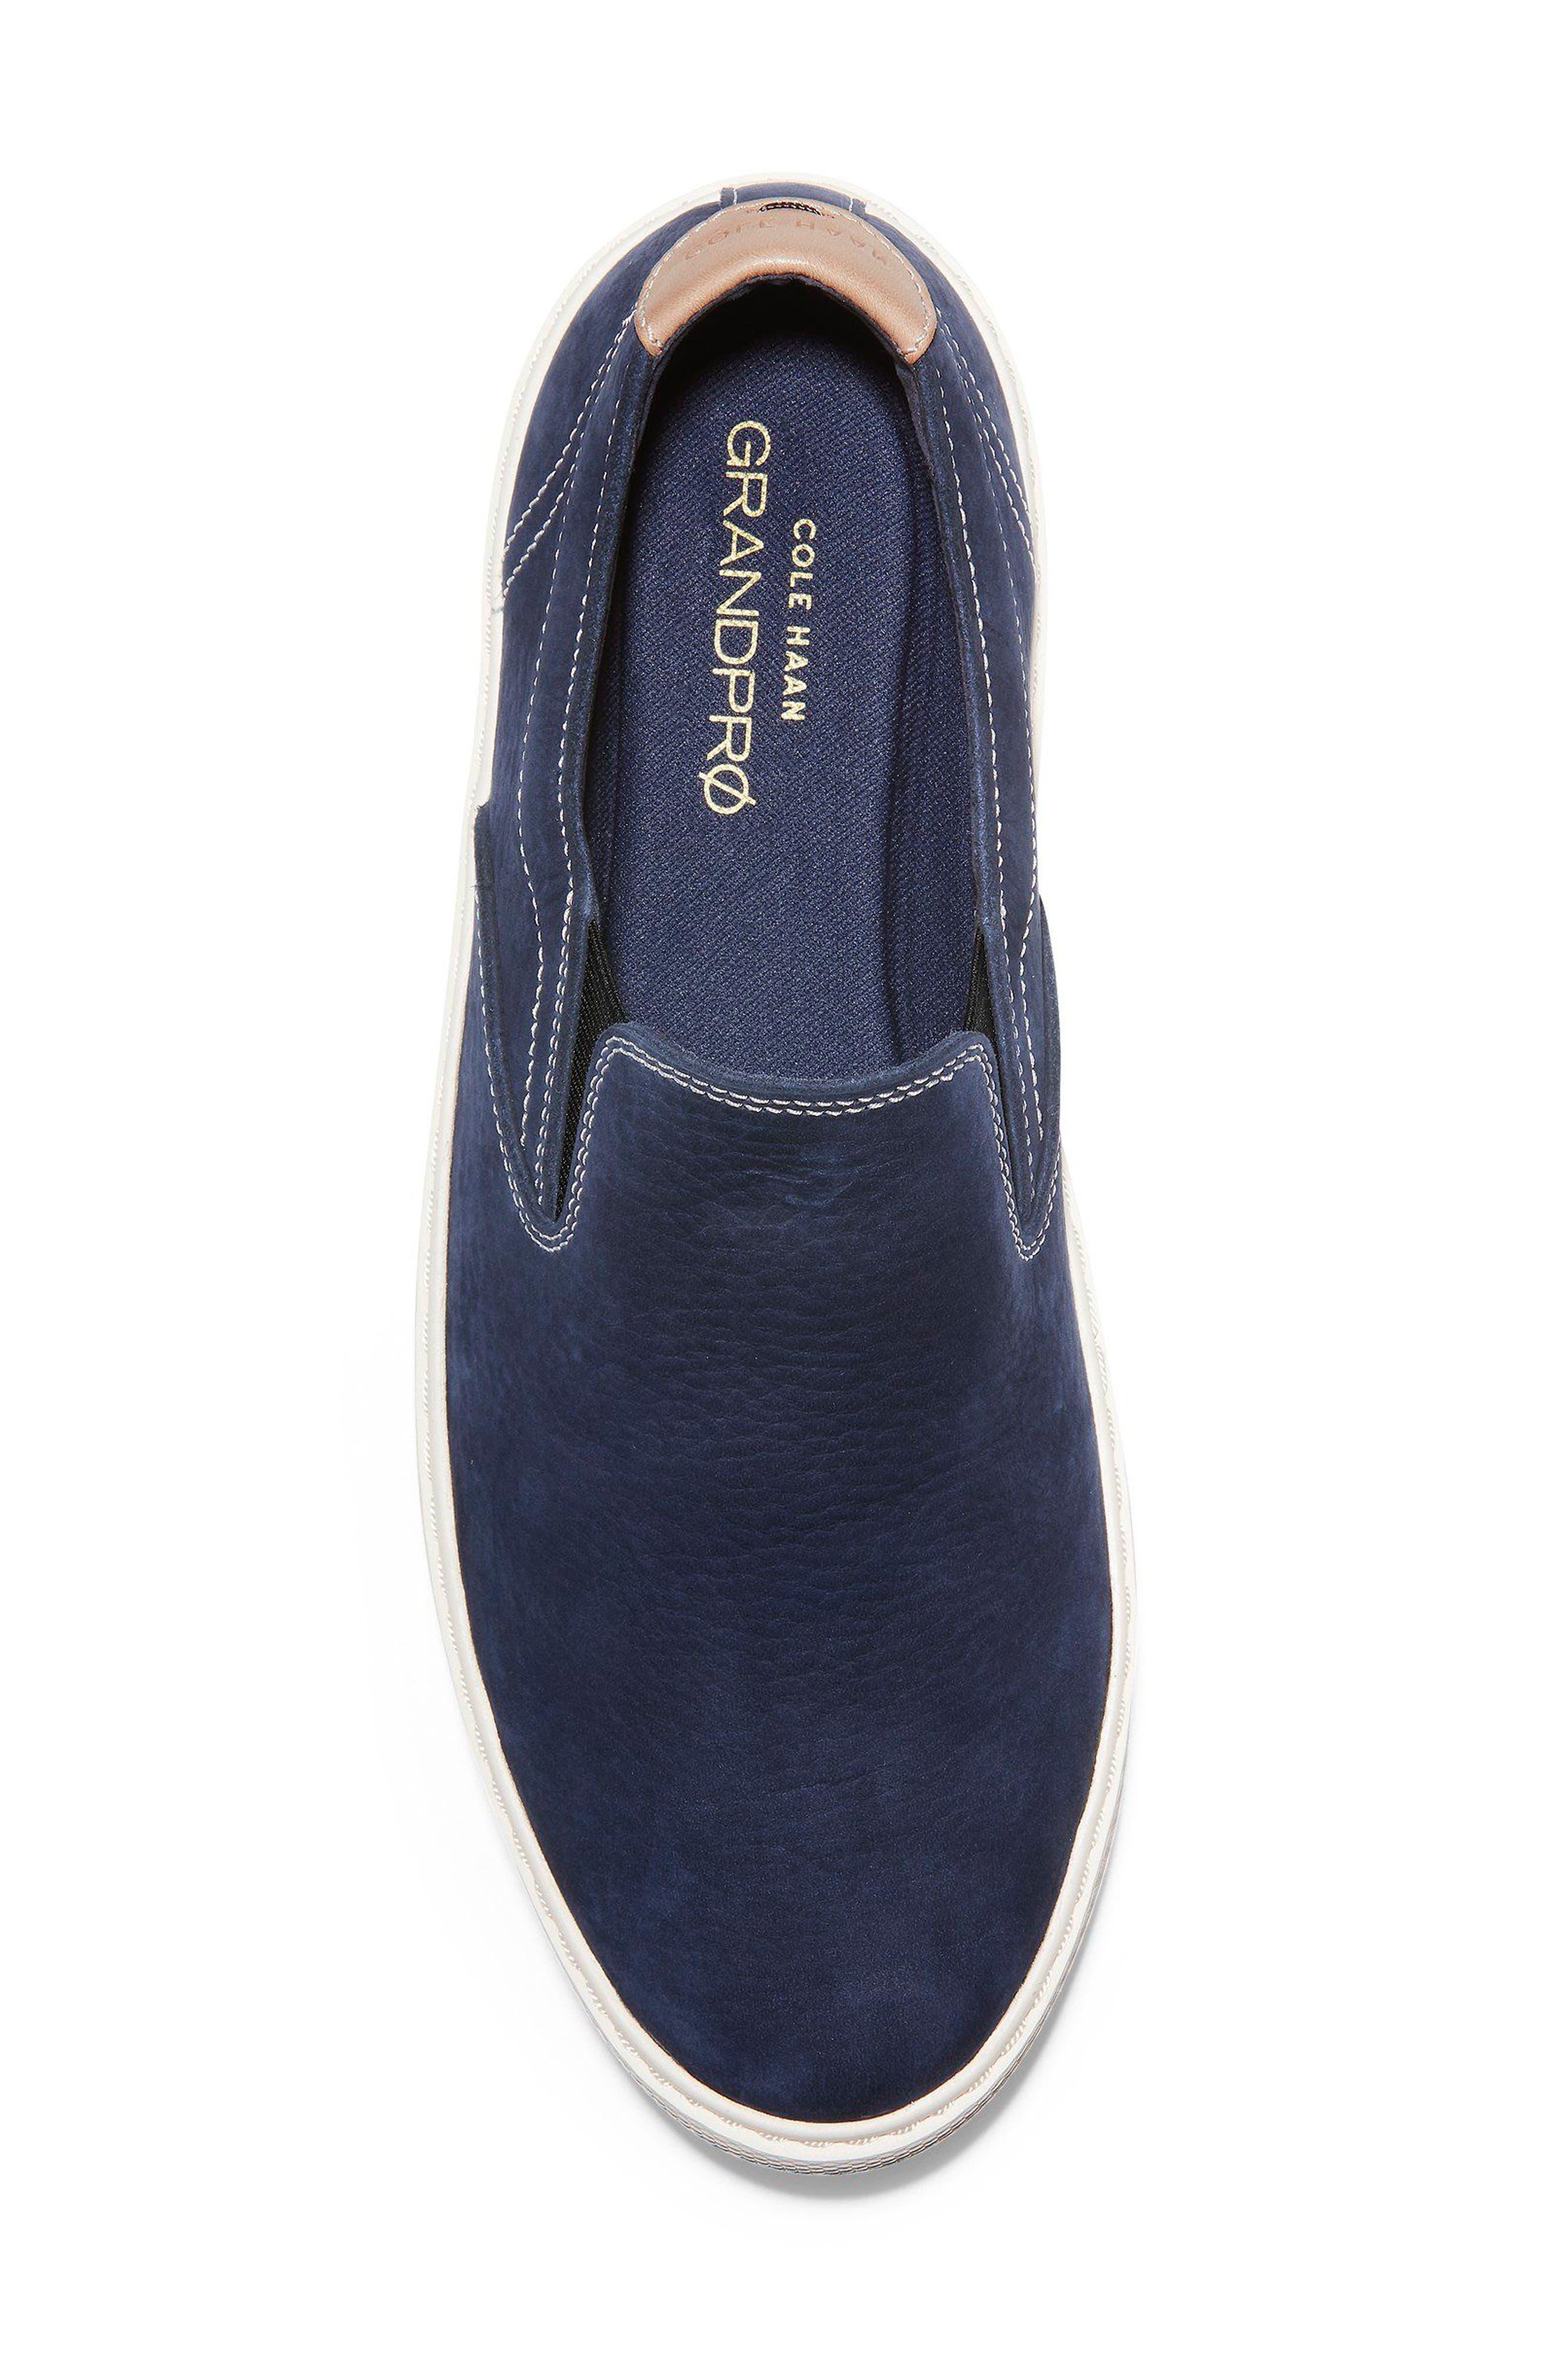 GrandPrø Deck Slip-On Sneaker,                             Alternate thumbnail 5, color,                             Marine Blue Nubuck